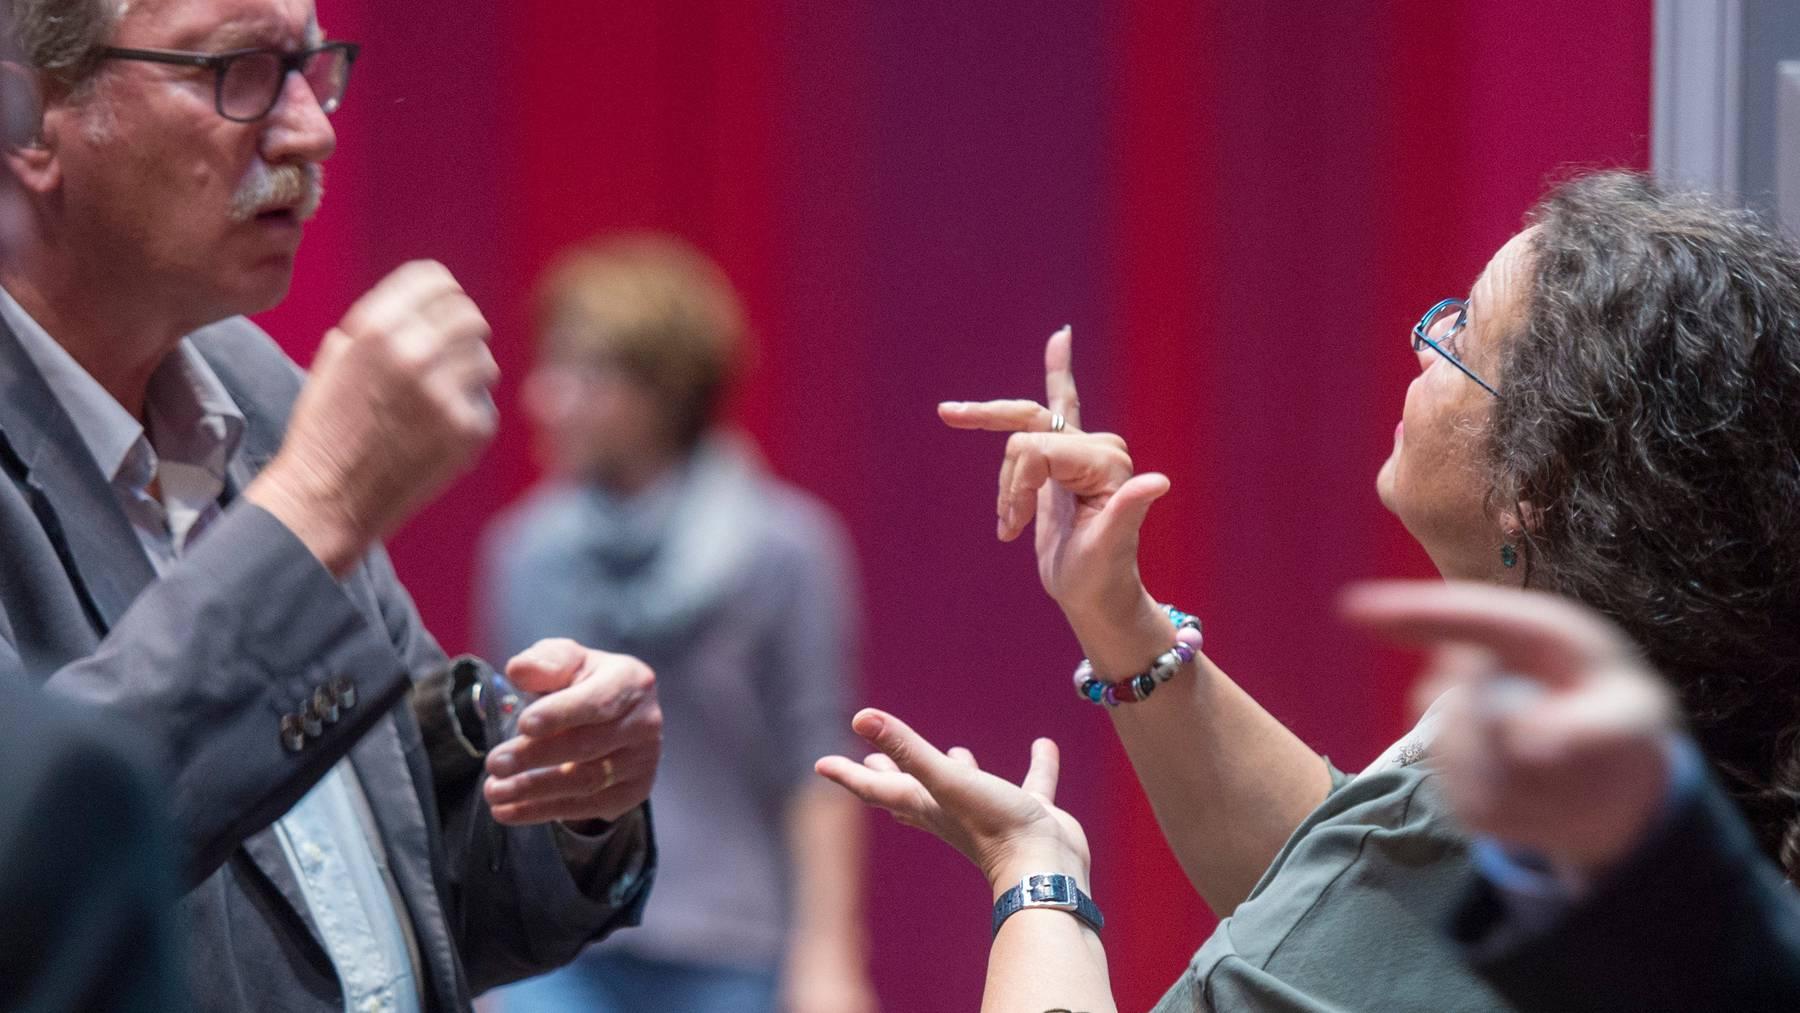 Gehörlose Menschen haben es in der Öffentlichkeit oft schwer. (Symbolbild)